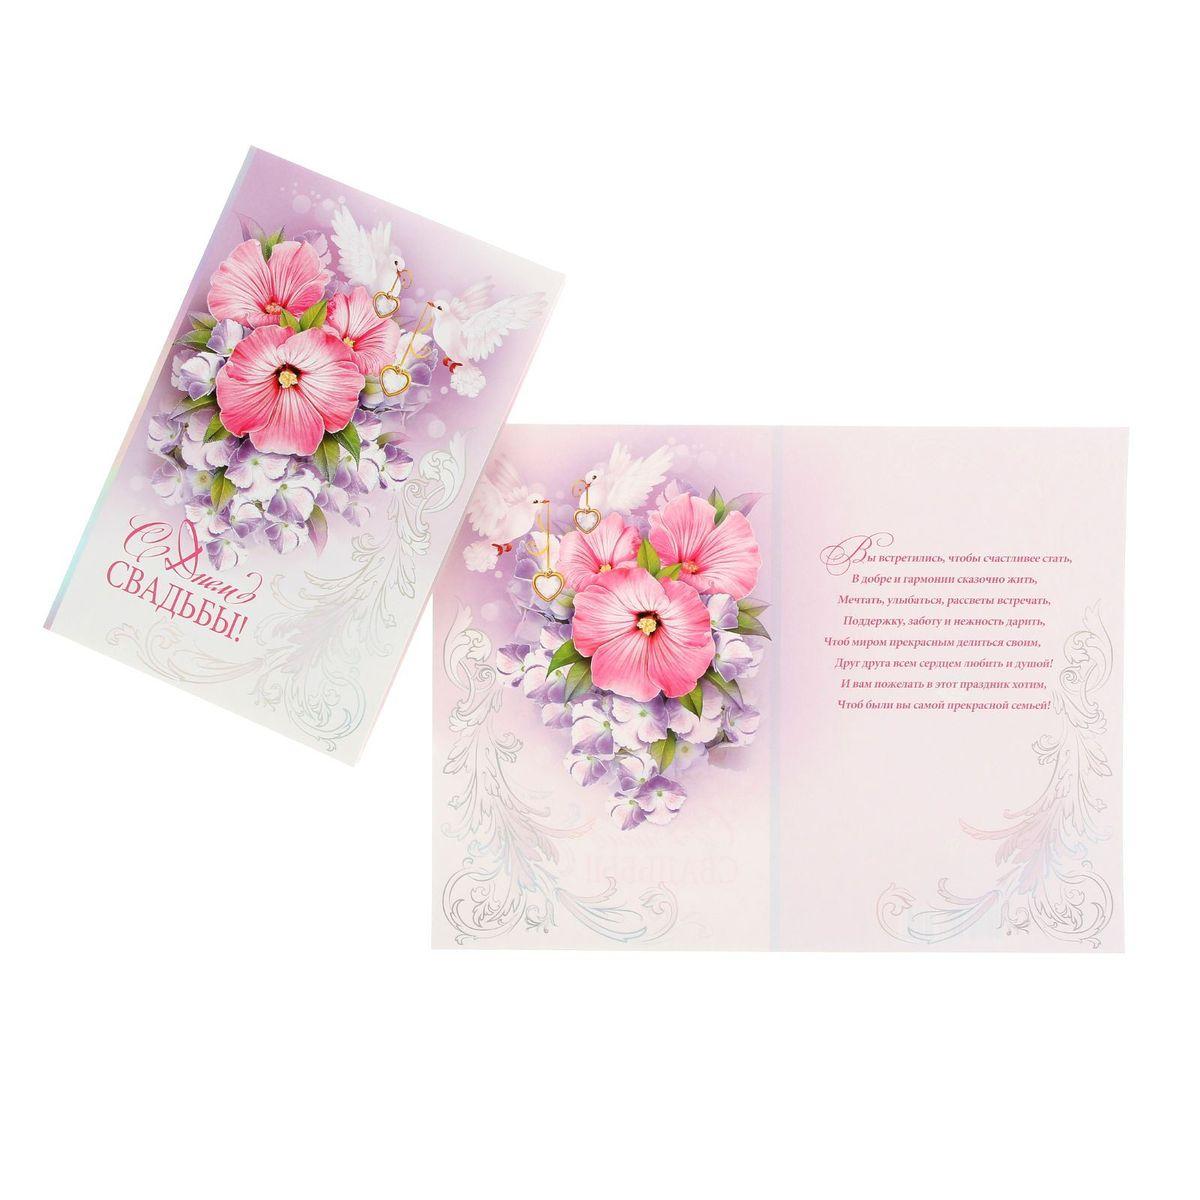 Открытка Мир открыток С Днем СВАДЬБЫ! Цветы и голуби1323071Если вы хотите порадовать себя или близких, создать праздничное настроение и с улыбкой провести памятный день, то вы, несомненно, сделали правильный выбор! Открытка Мир открыток С Днем СВАДЬБЫ! Цветы и голуби, выполненная из картона, отличается не только оригинальным дизайном, но и высоким качеством.Лицевая сторона изделия оформлена красивым изображением цветов и голубей, а также фольгированным тиснением конгрев. Внутри открытка содержит текст с поздравлением.Такая открытка непременно порадует получателя и станет отличным напоминанием о проведенном вместе времени.